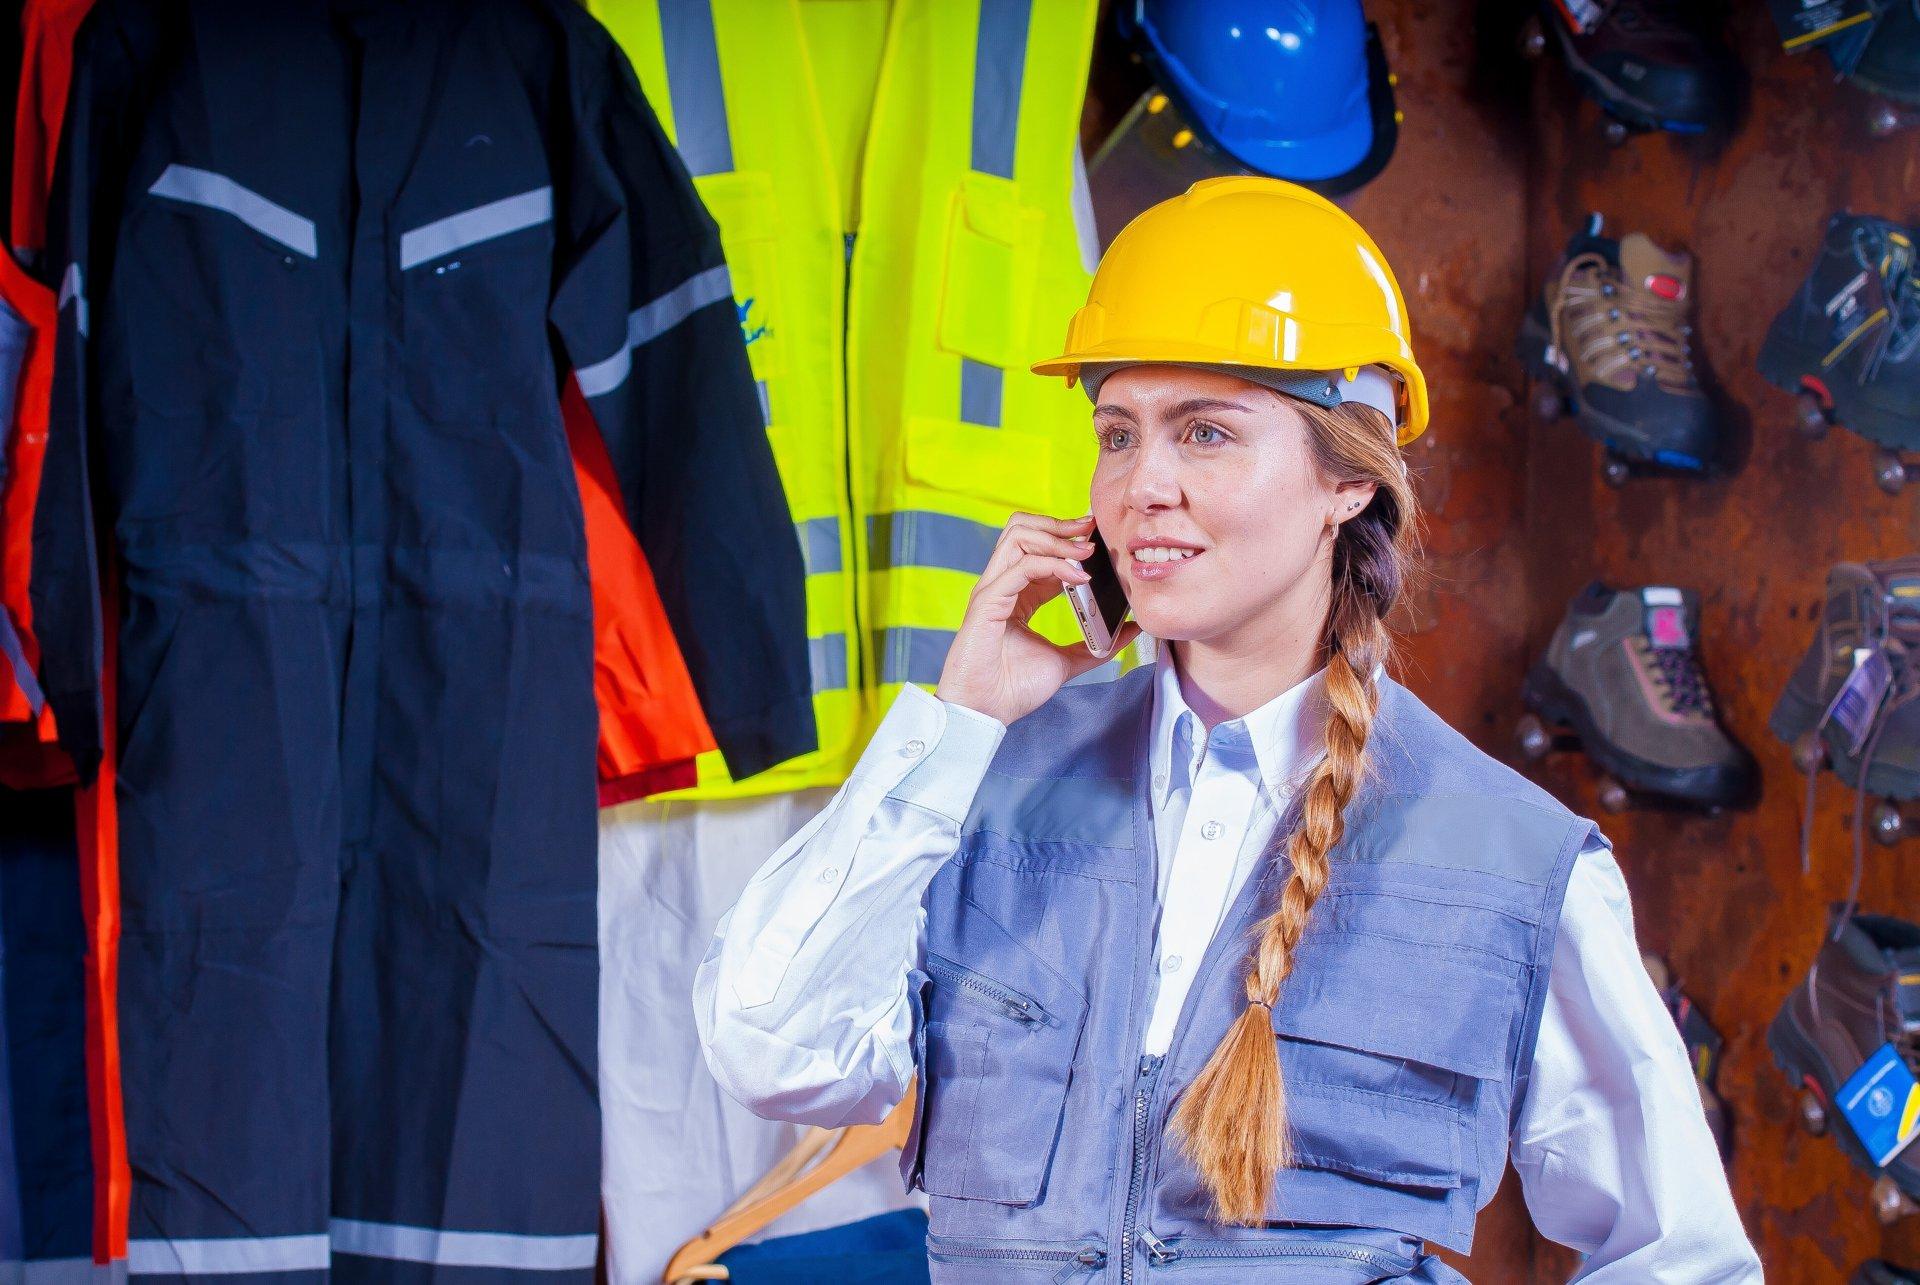 Sicurezza: generale per tutti i lavoratori - aggiornato COVID19